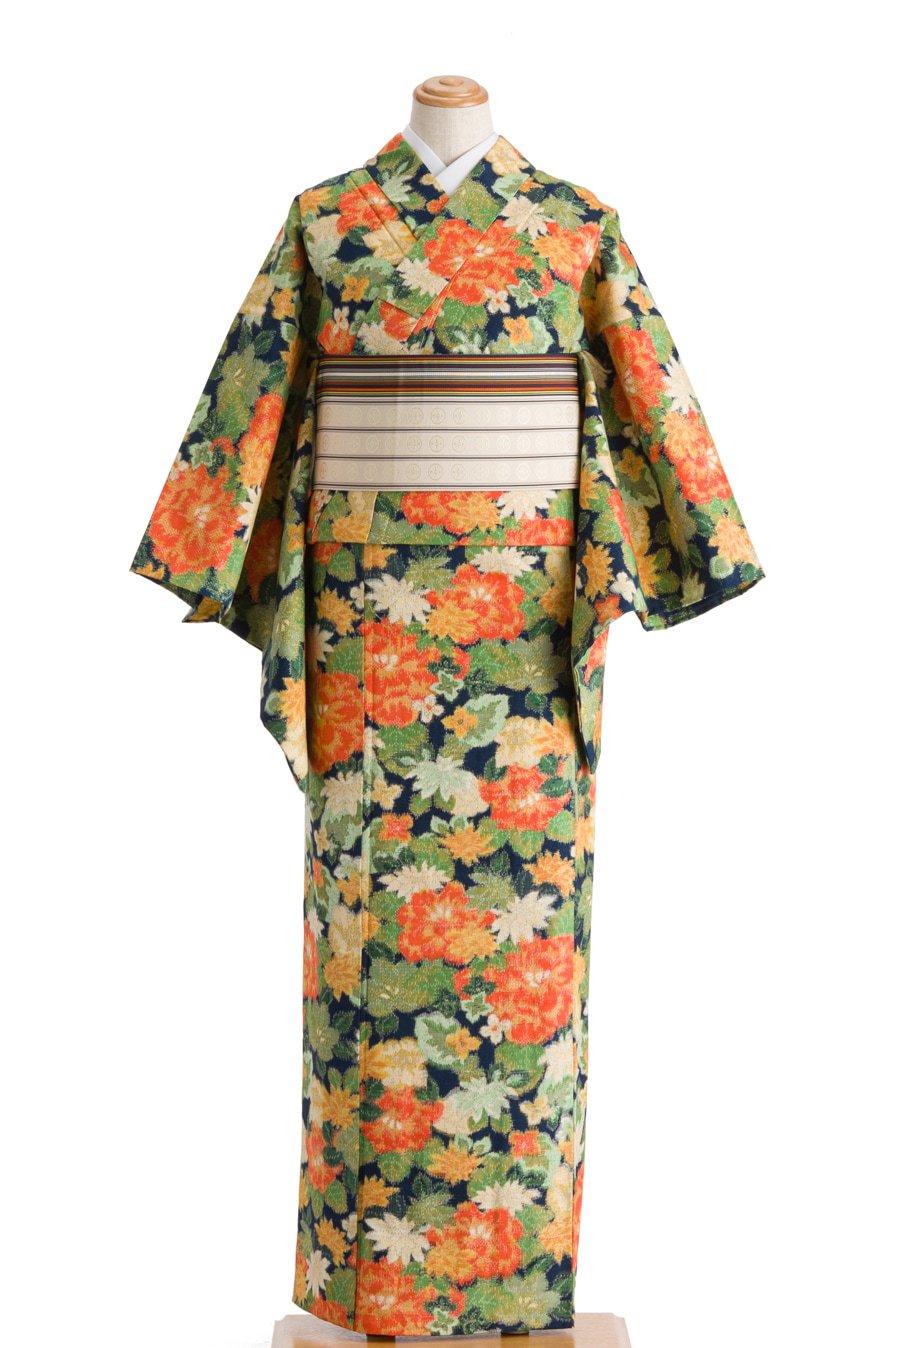 「単衣 紬 色彩豊かな花」の商品画像